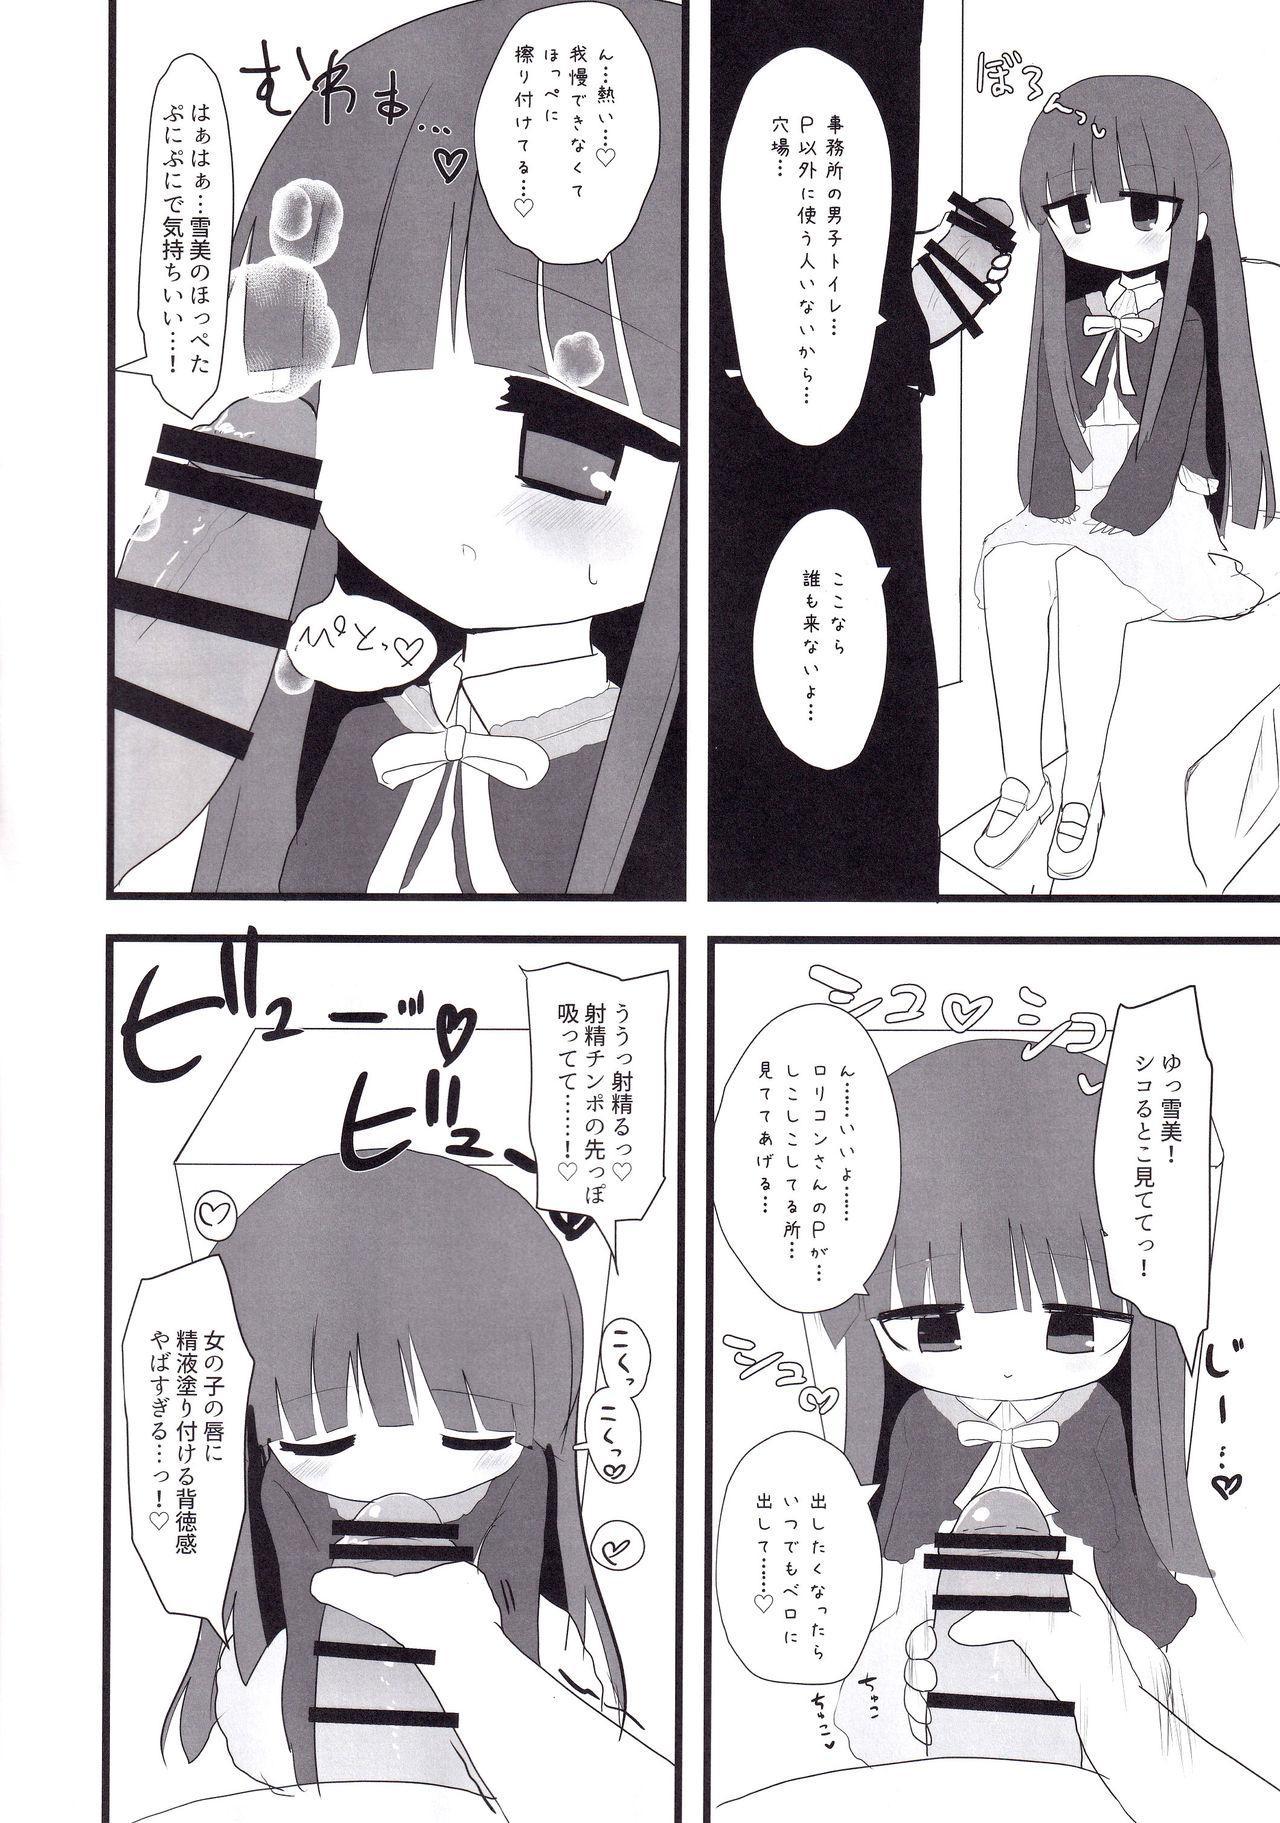 Yukimi to Kozue to Lolicon P to 16